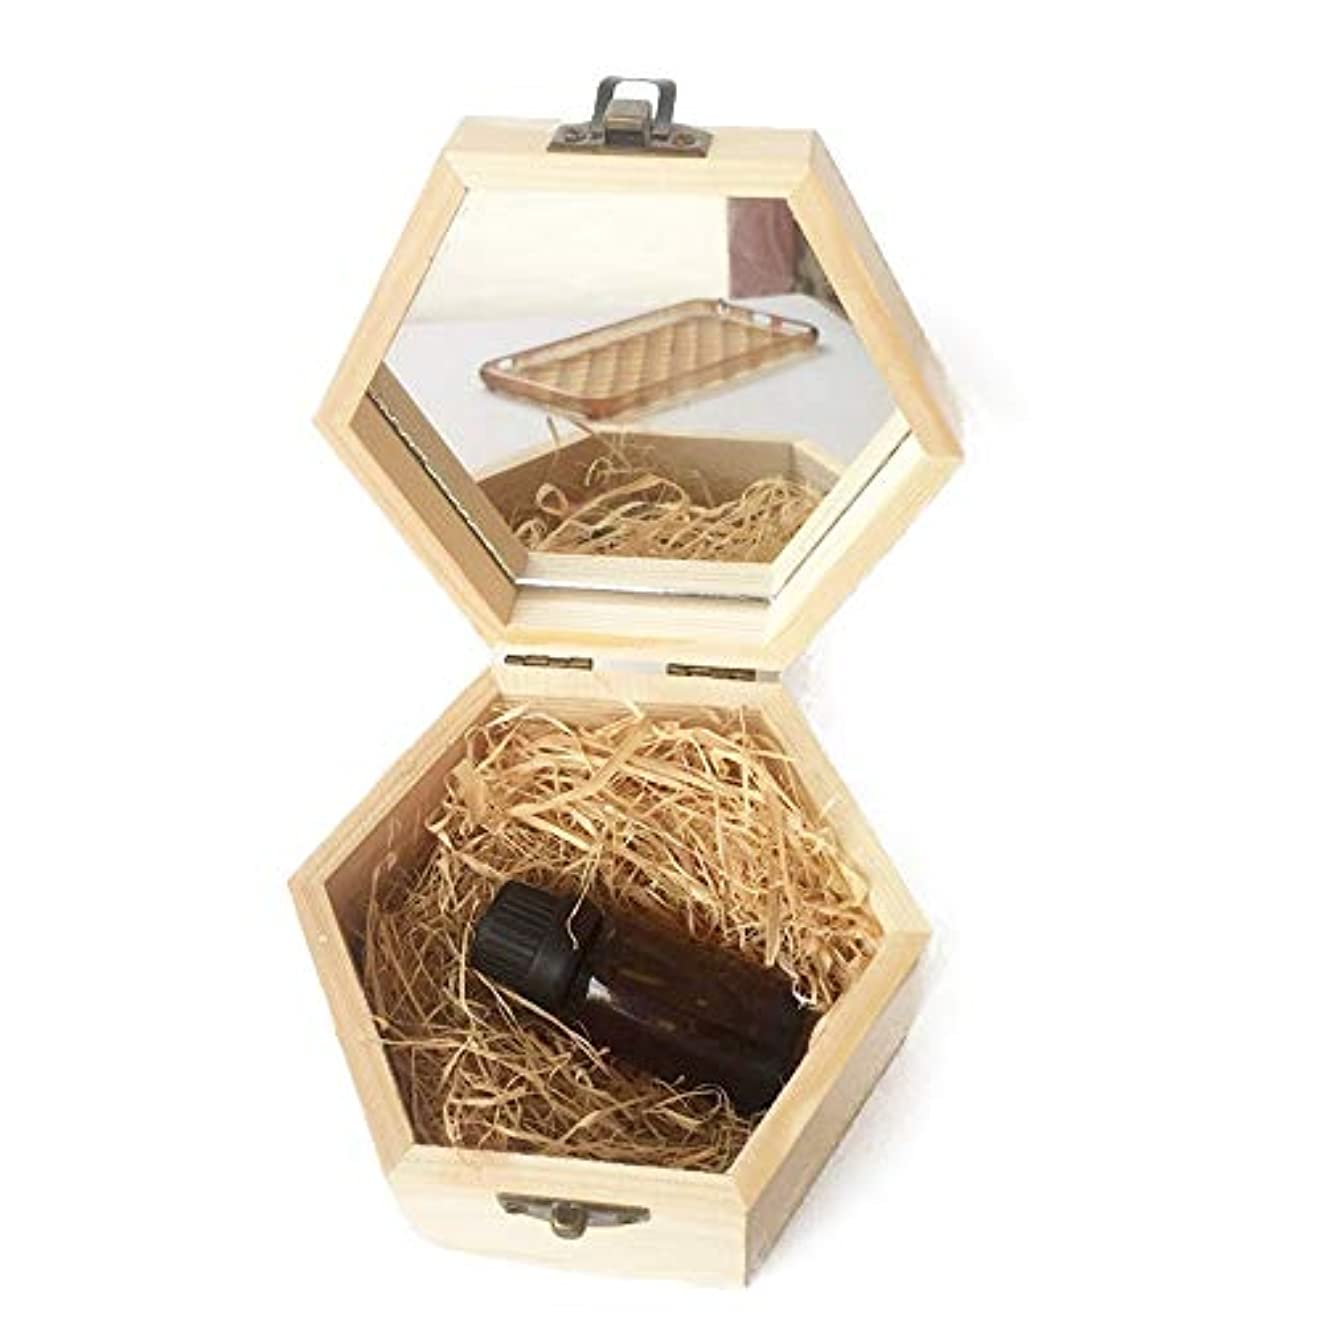 比率以前は辞任する精油ケース アロマセラピーのためにエッセンシャルオイル木箱の品質の収納ケース 携帯便利 (色 : Natural, サイズ : 13X11.3X6.8CM)